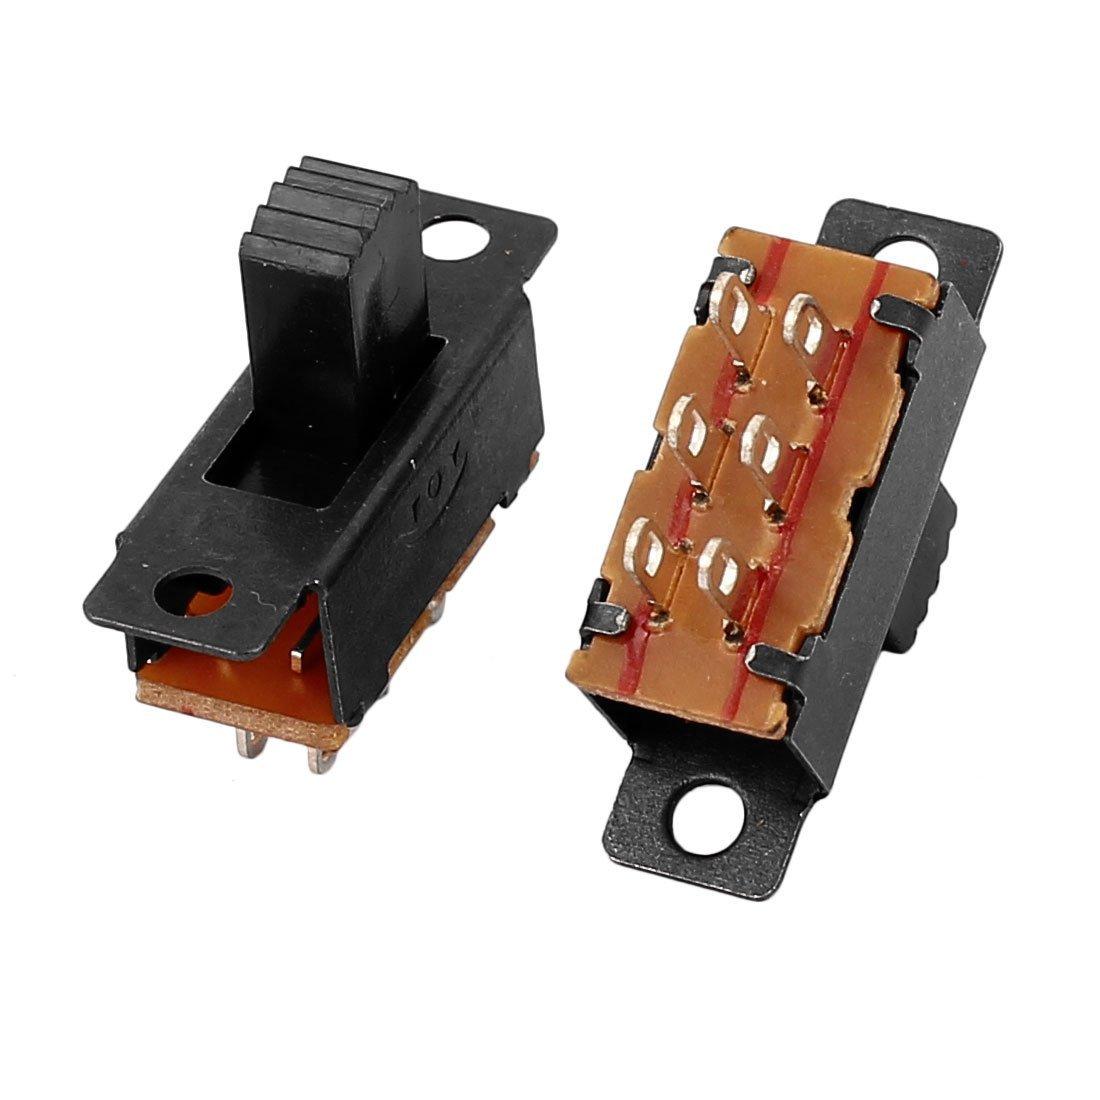 eDealMax 5pcs DPDT 2 Posición 6 terminales de montaje en panel Horizontal interruptor deslizante - - Amazon.com